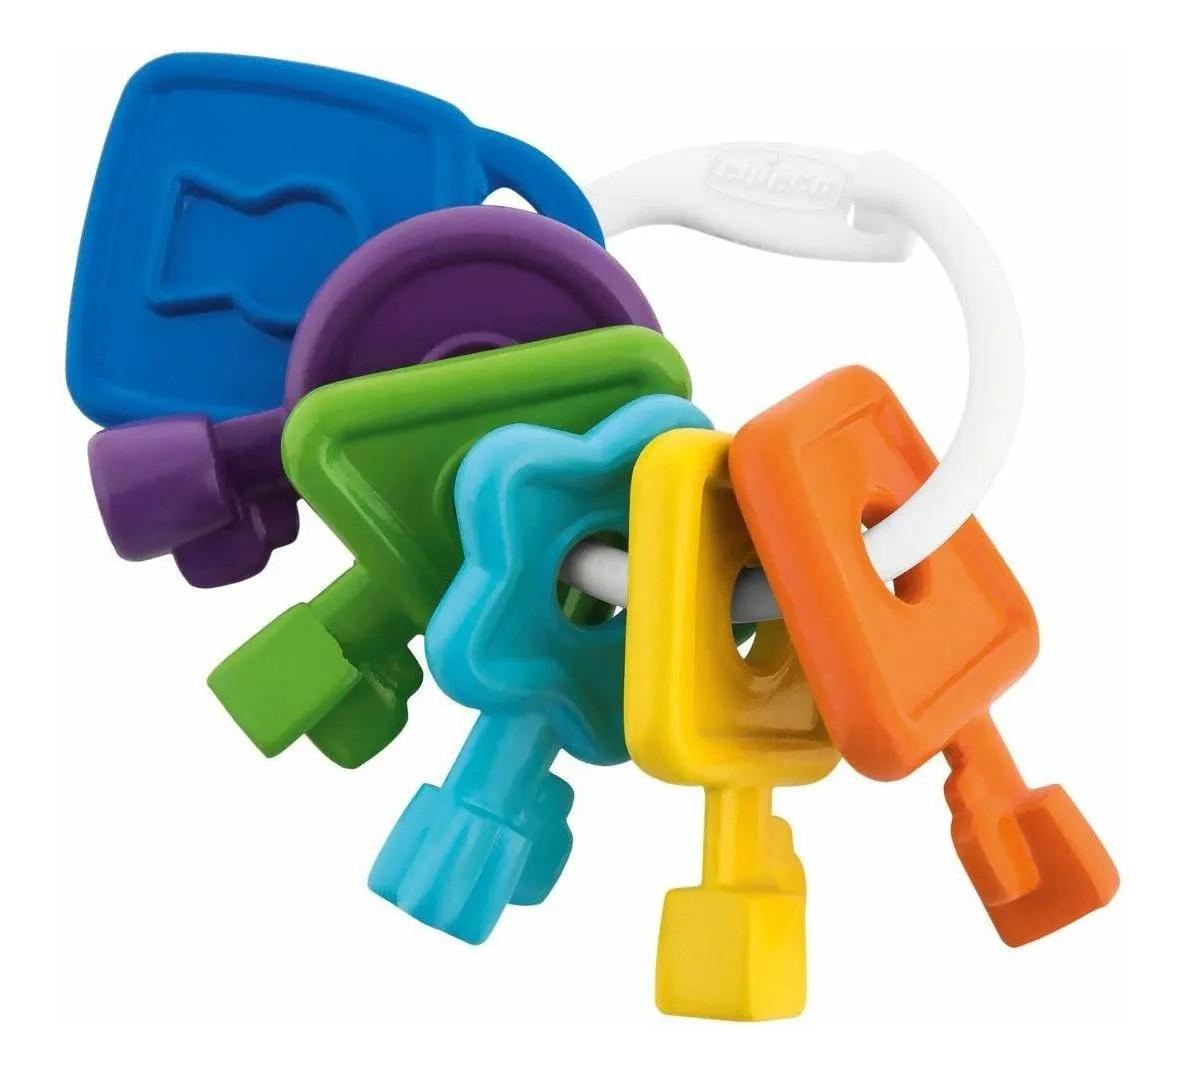 Brinquedo Infantil Casa Dos Animais 2 Em 1 Da Chicco 57879